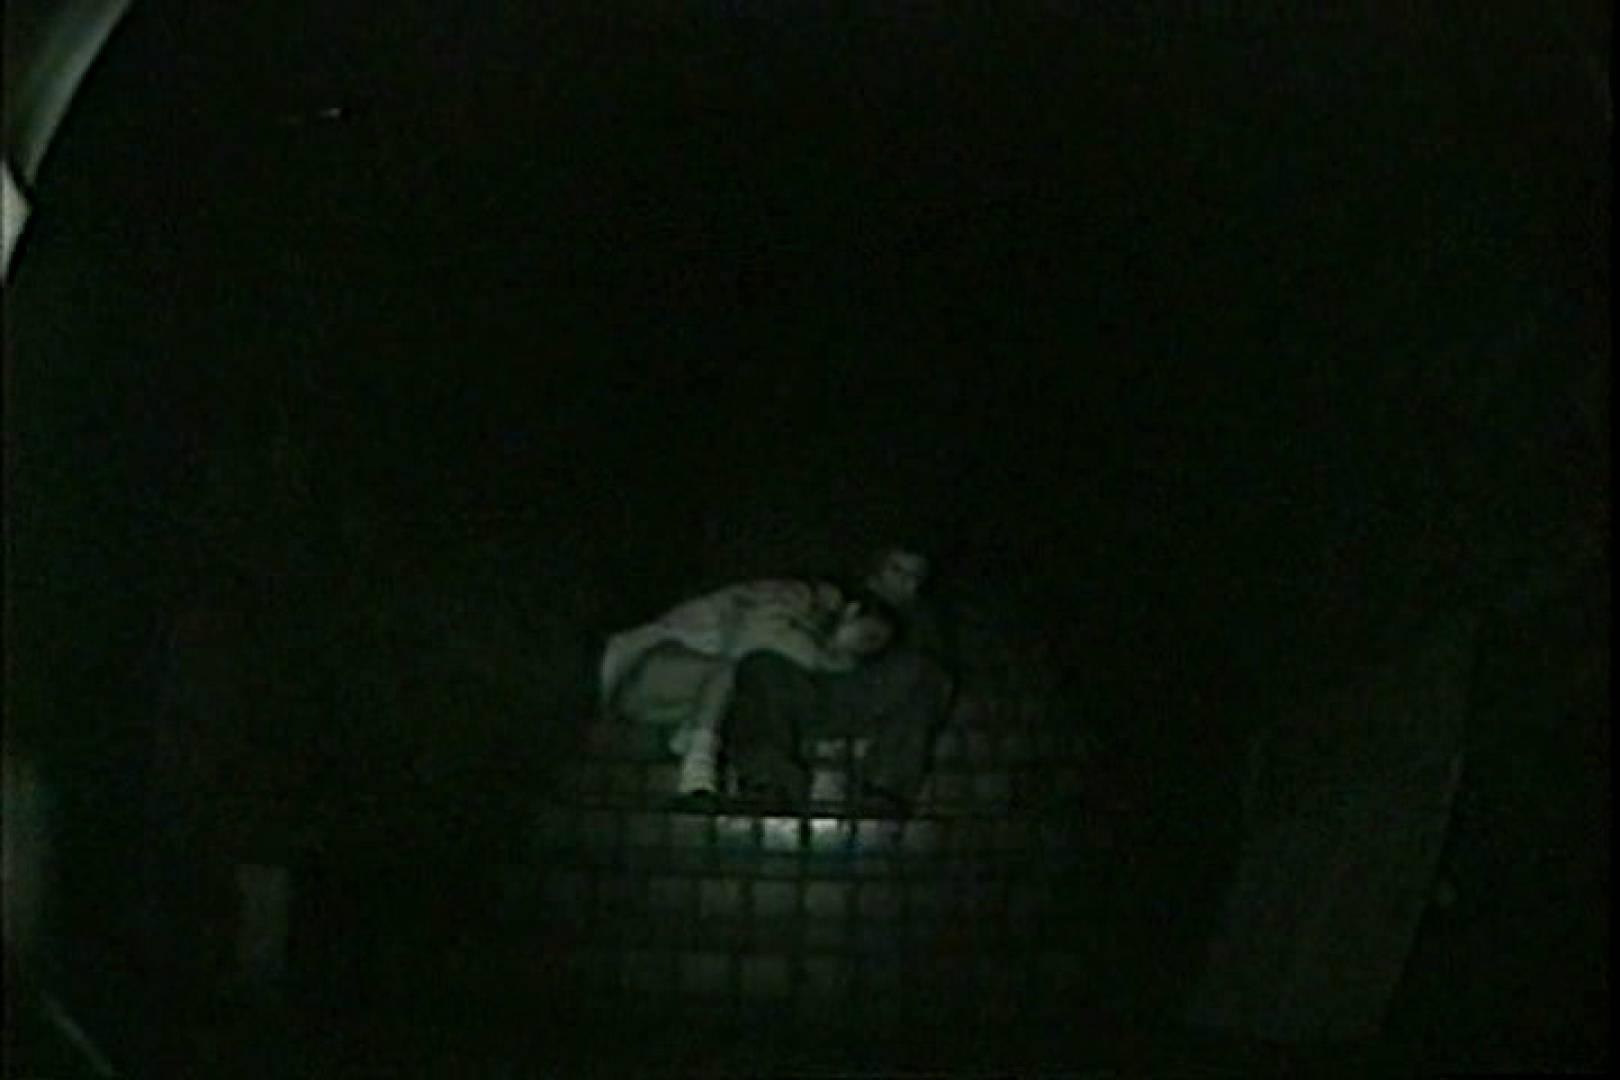 闇の仕掛け人 無修正版 Vol.17 セックス オマンコ動画キャプチャ 75PIX 17